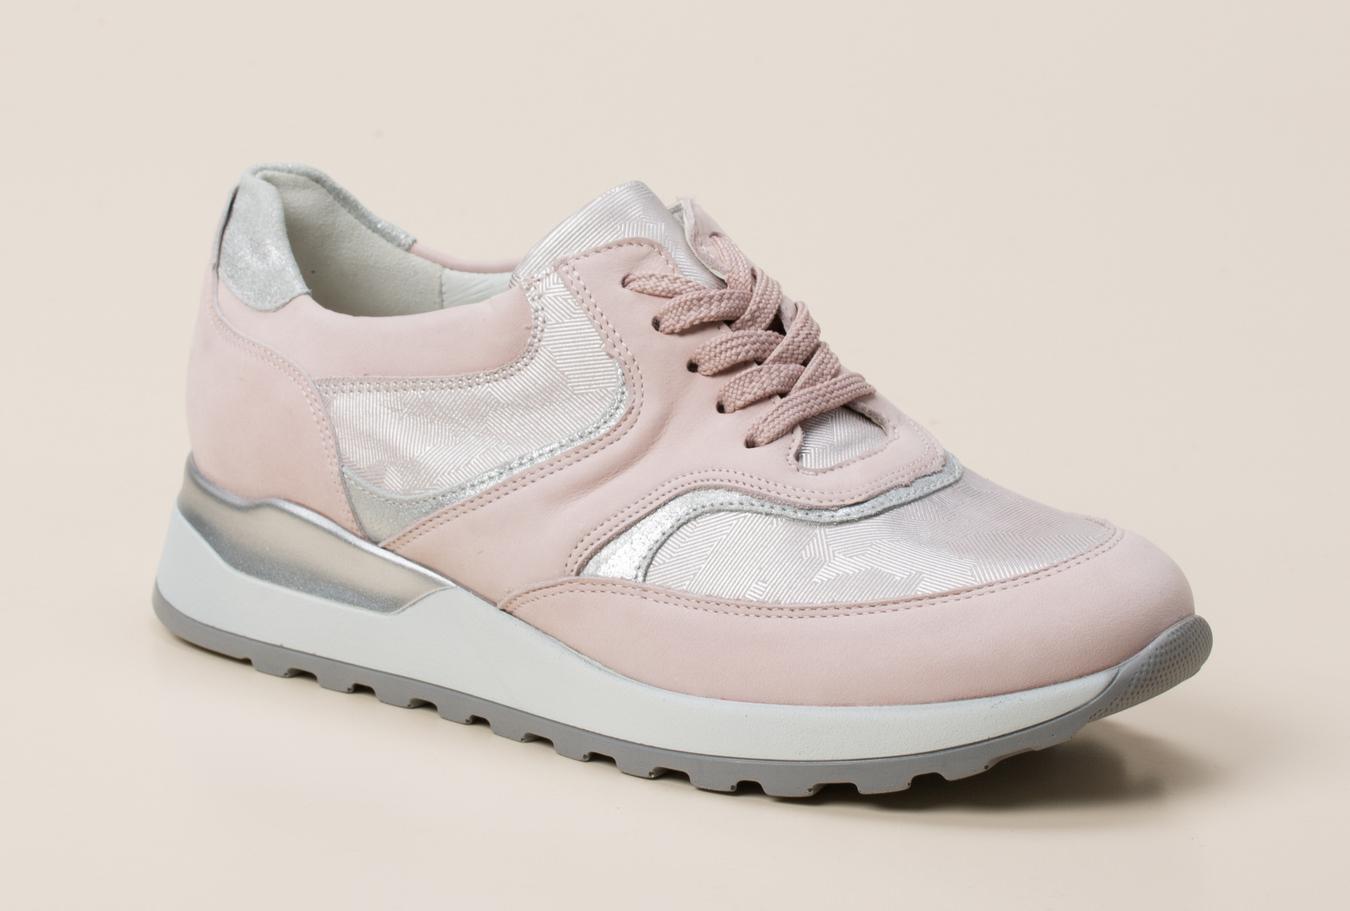 Waldläufer Damen Sneaker in Pink kaufen   Zumnorde Online Shop